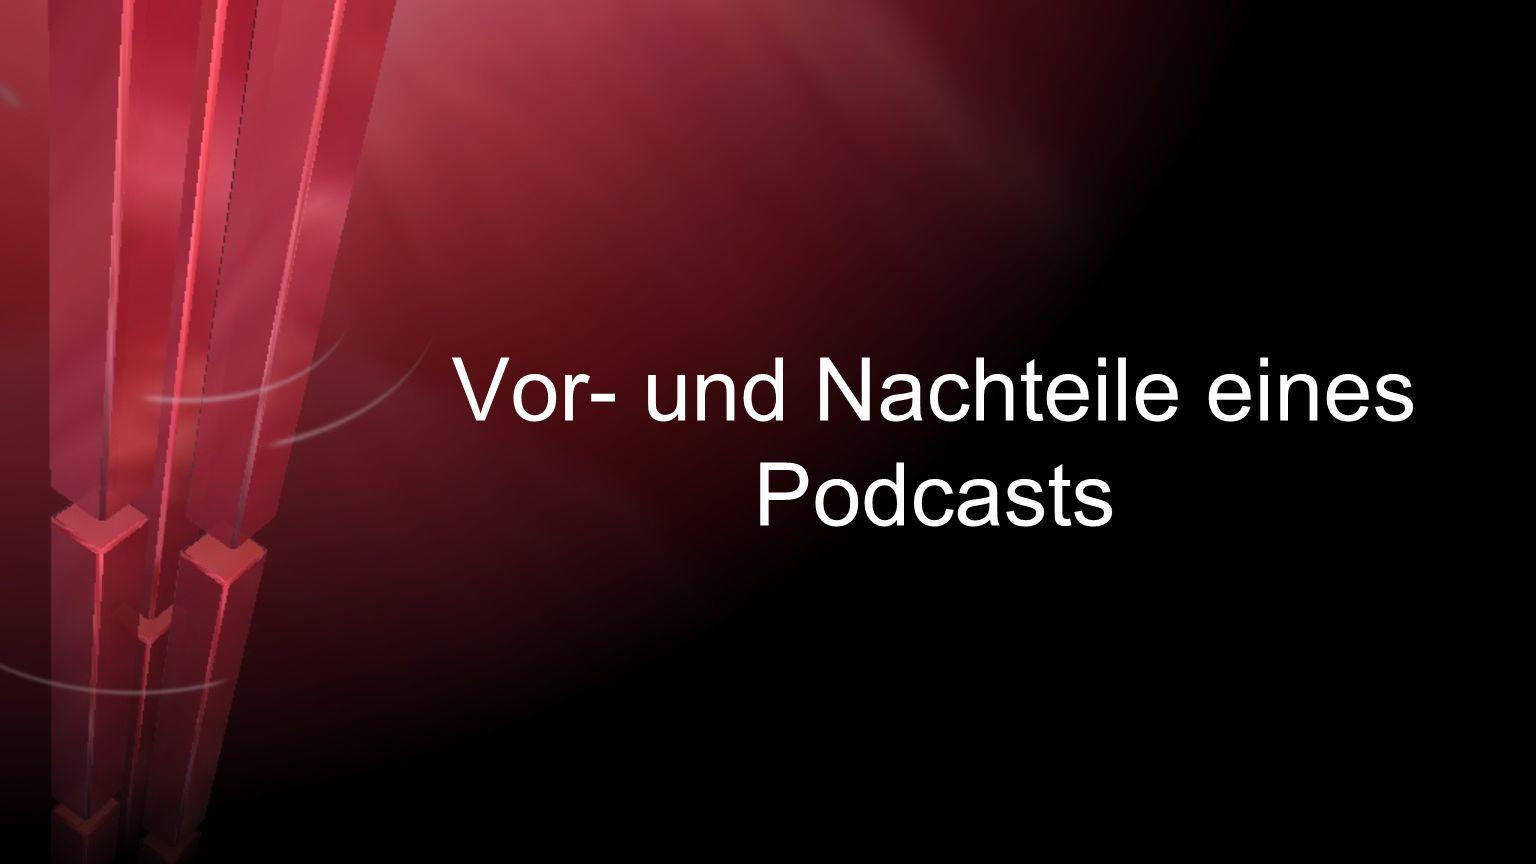 Vor- und Nachteile eines Podcasts